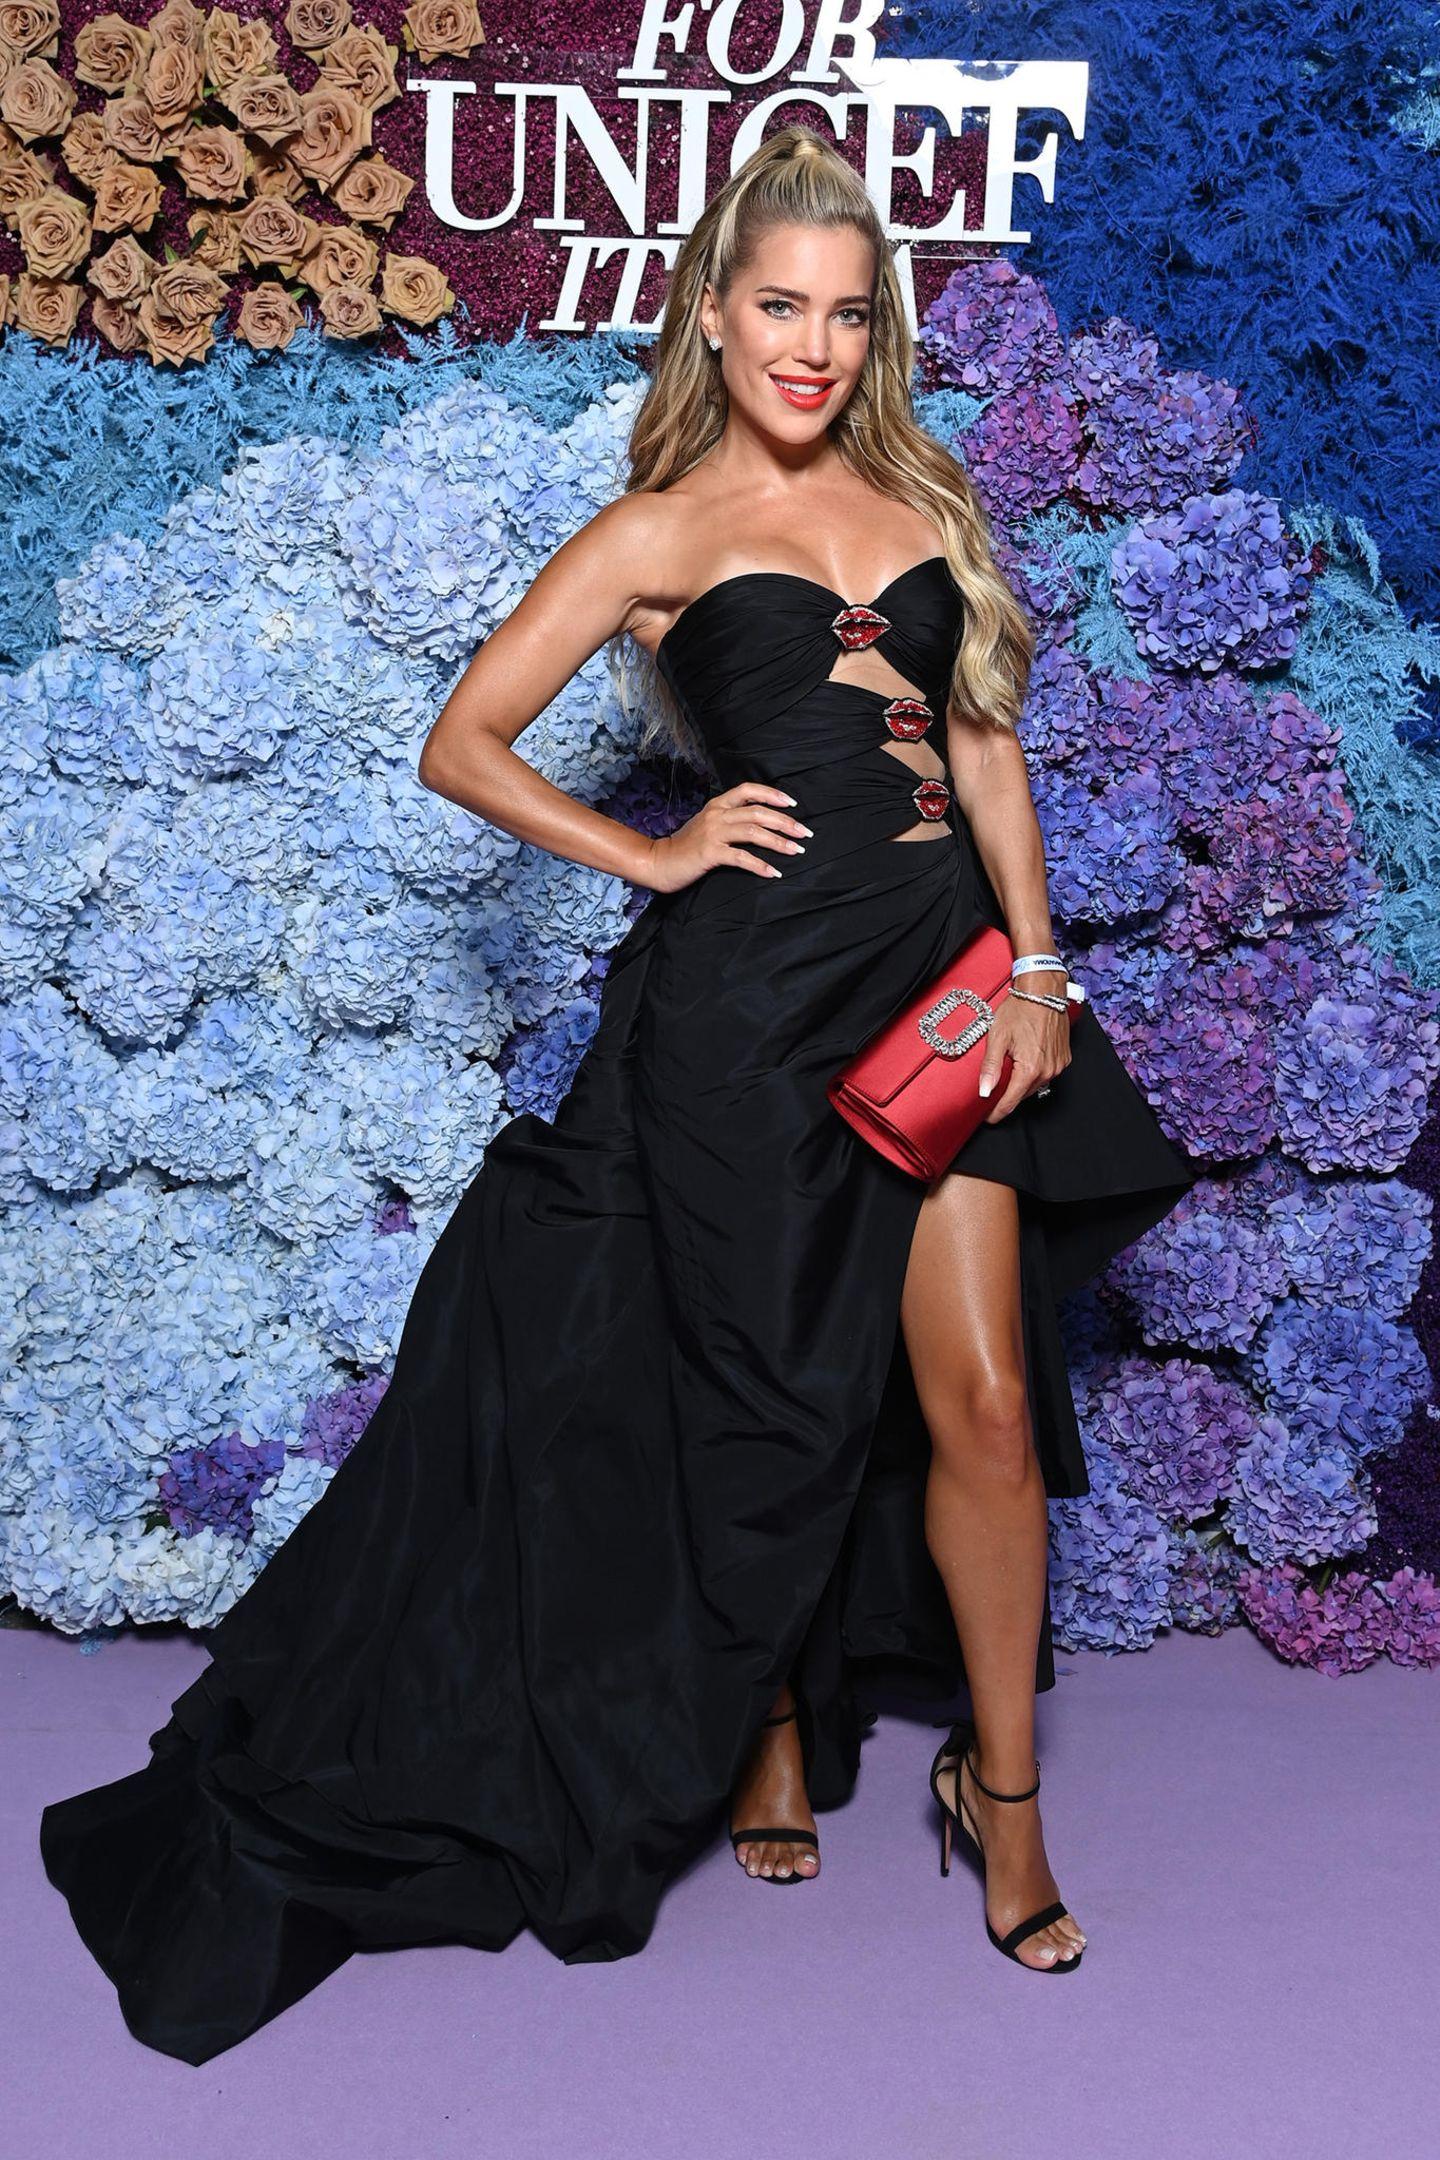 """Zum Knutschen schön ist Sylvie Meis' Gala-Look von Galia Lahav. Und die Kussmund-Details sind eine durchdachte Anspielung auf das Kunstwerk """"Der Kuss"""", das Sylvies Mann und Künstler Niclas Castello für die Charity-Gala gespendet hat. Für sage und schreibe 120.000 Euro ist """"The Kiss"""" für den guten Zweck versteigert worden."""